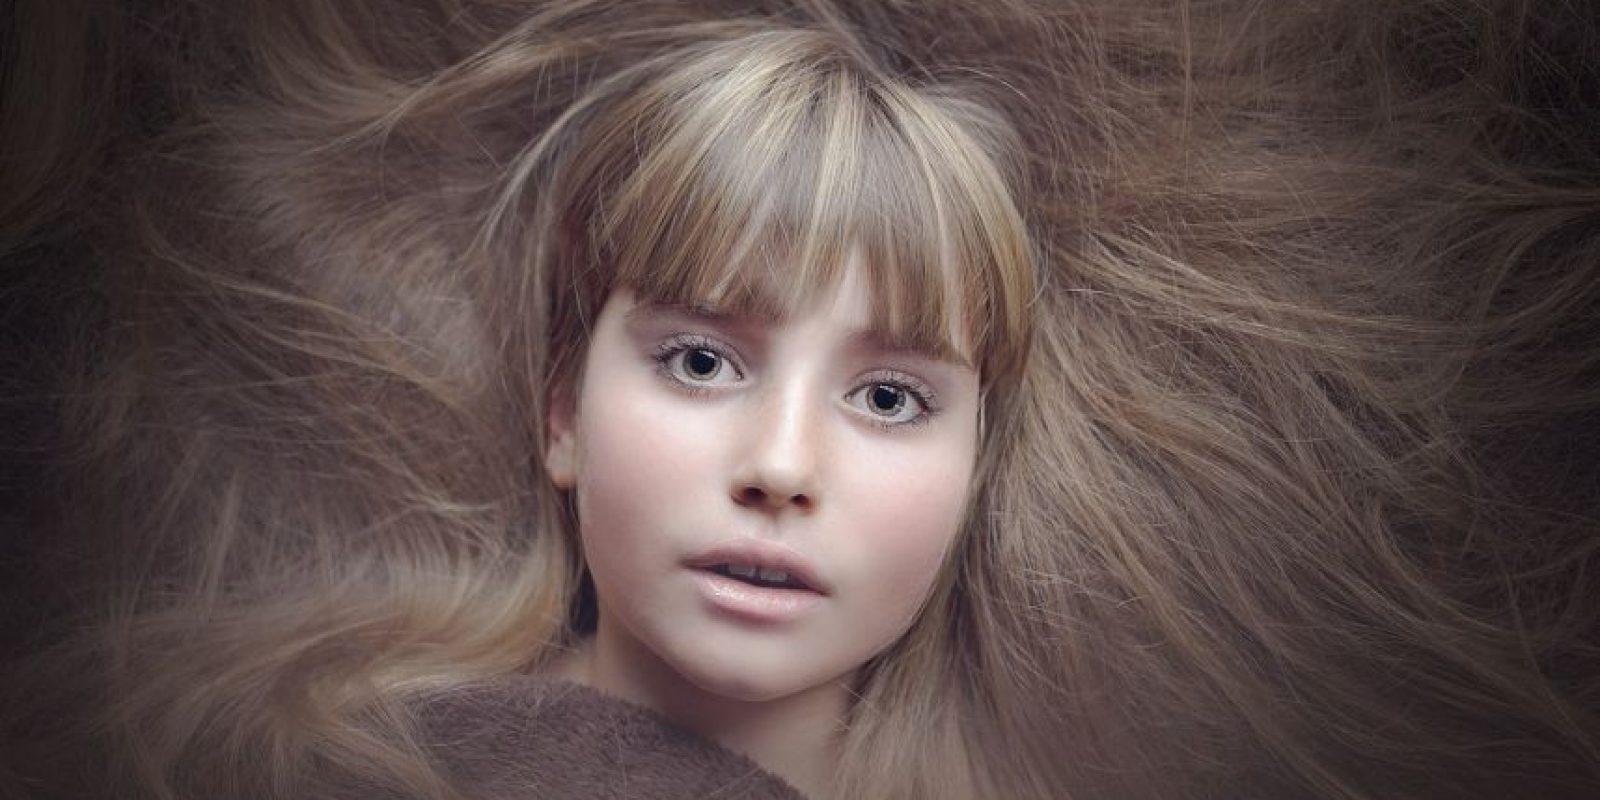 Sobre las personas que padecen tricotilomanía, los especialistas sugieren que está relacionada con la depresión. Foto:Pixabay